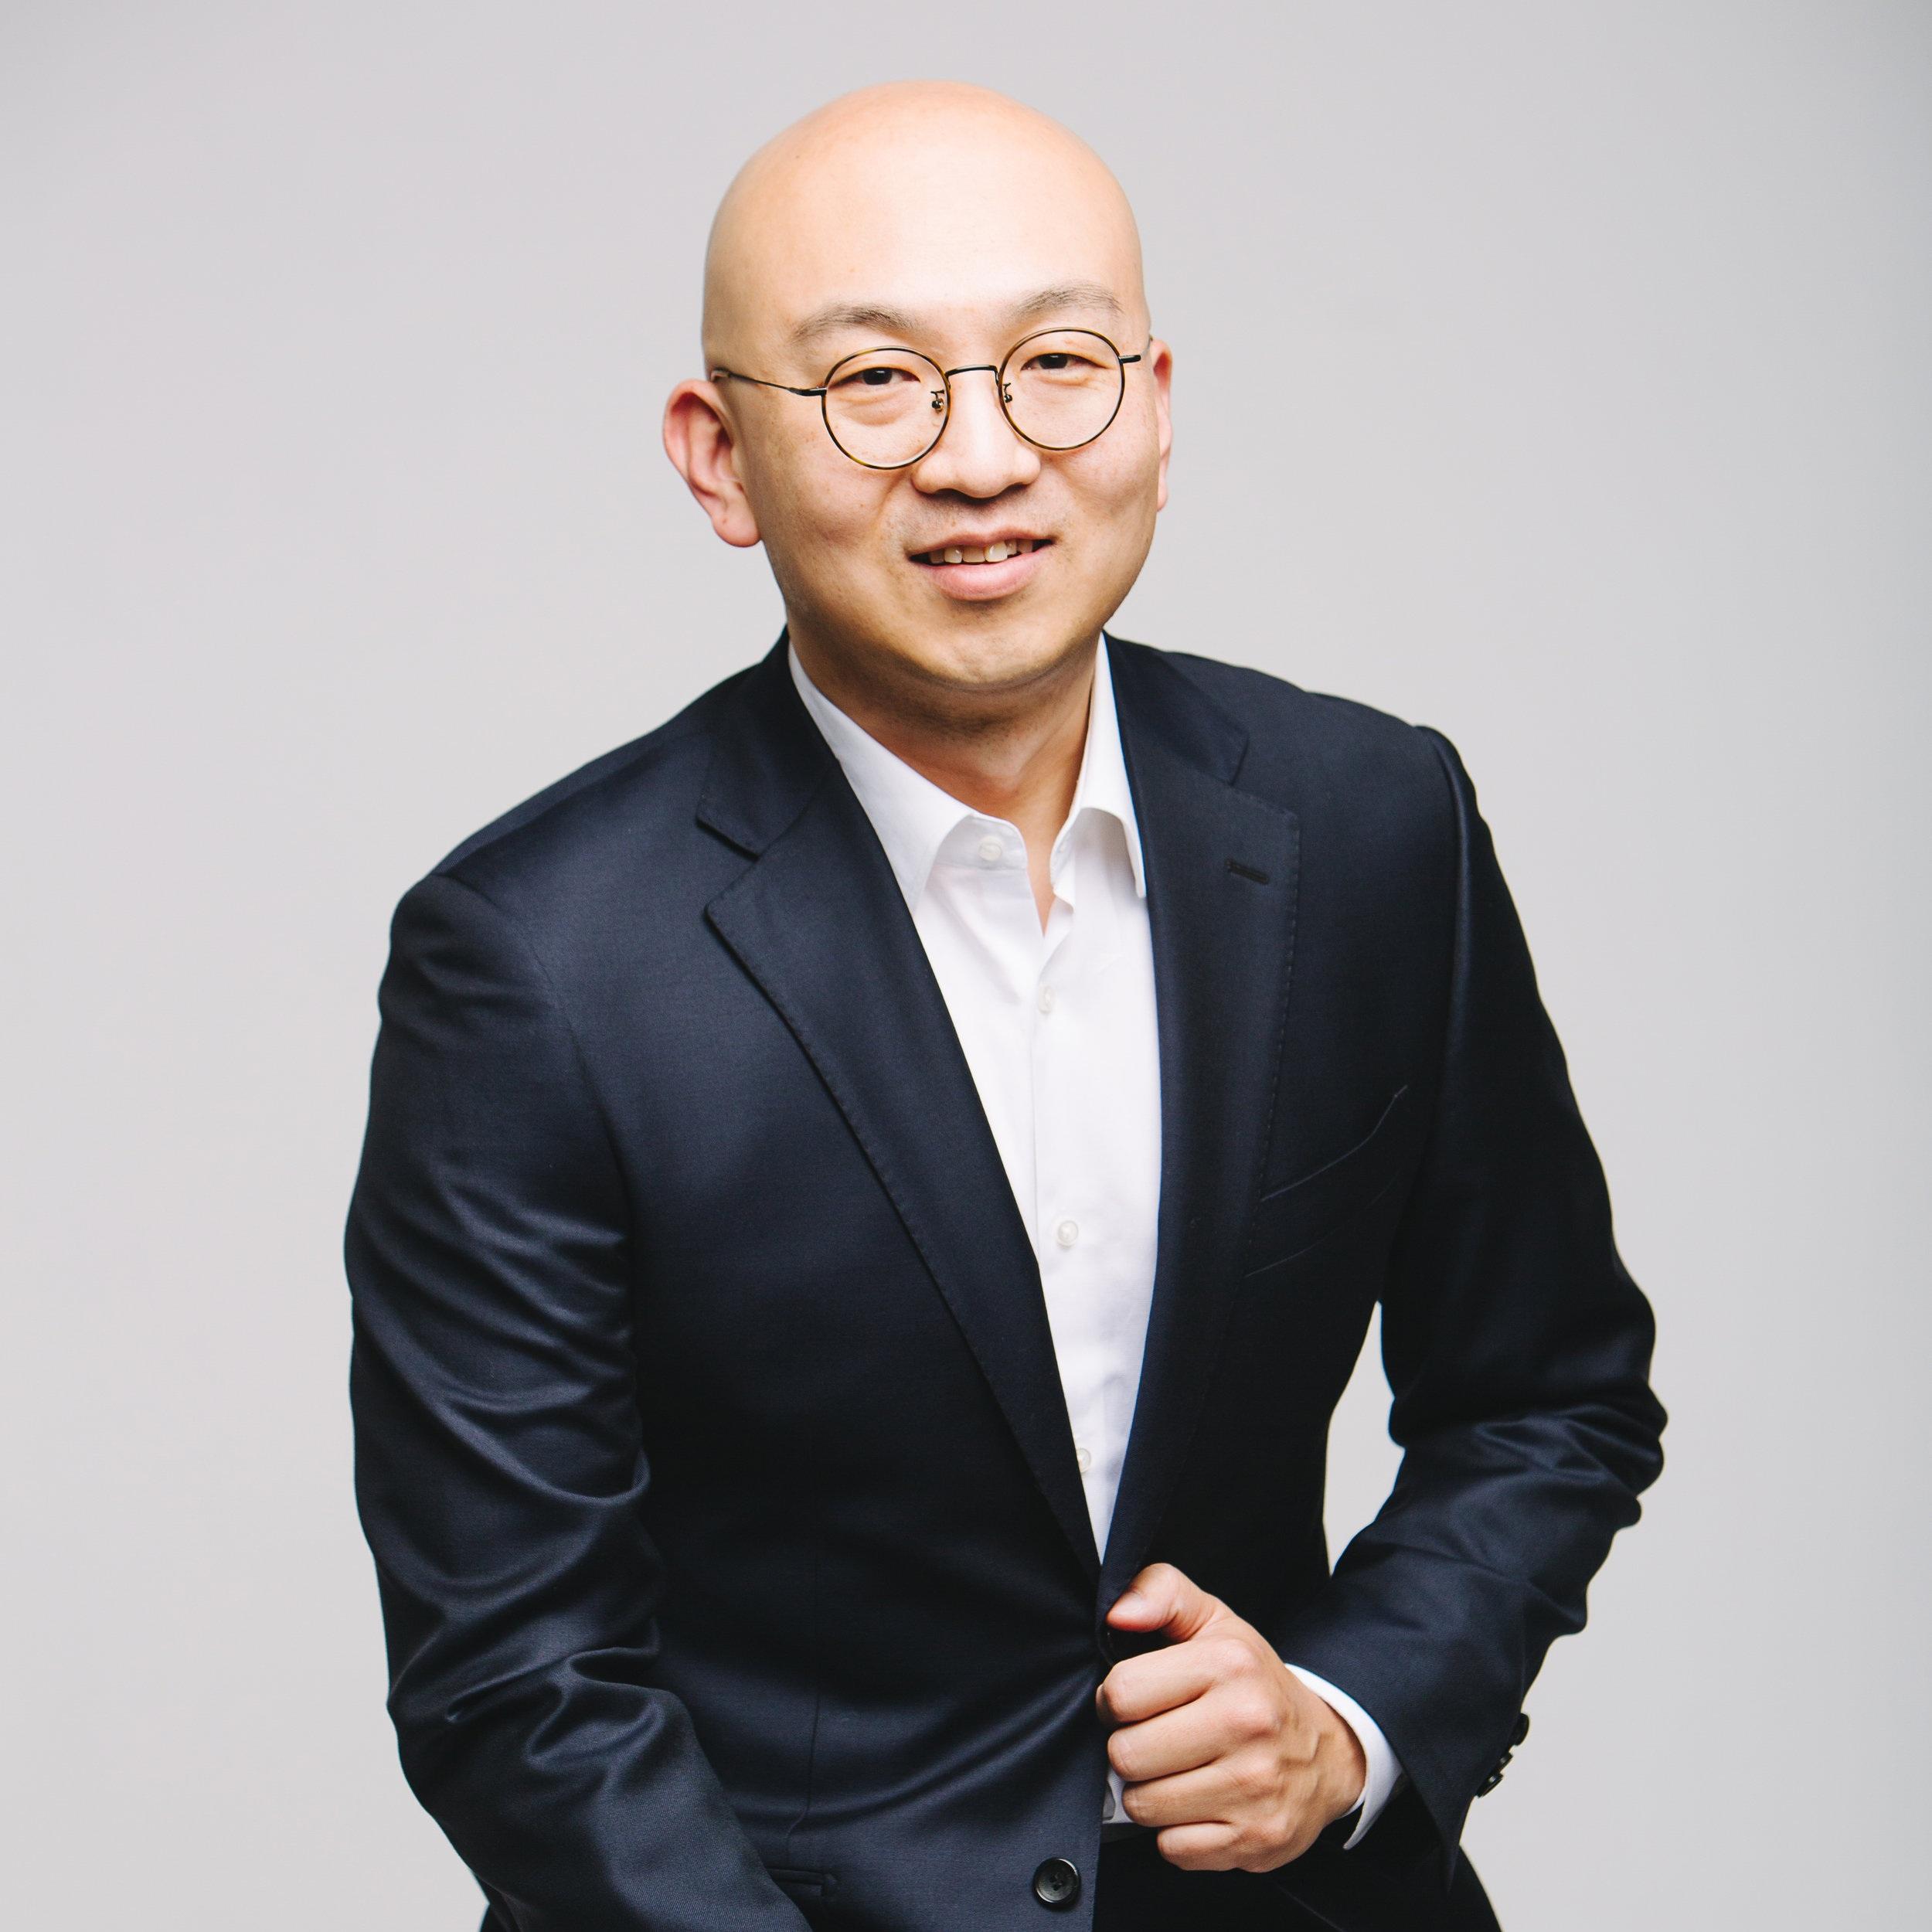 고준기 (Joon Koh)